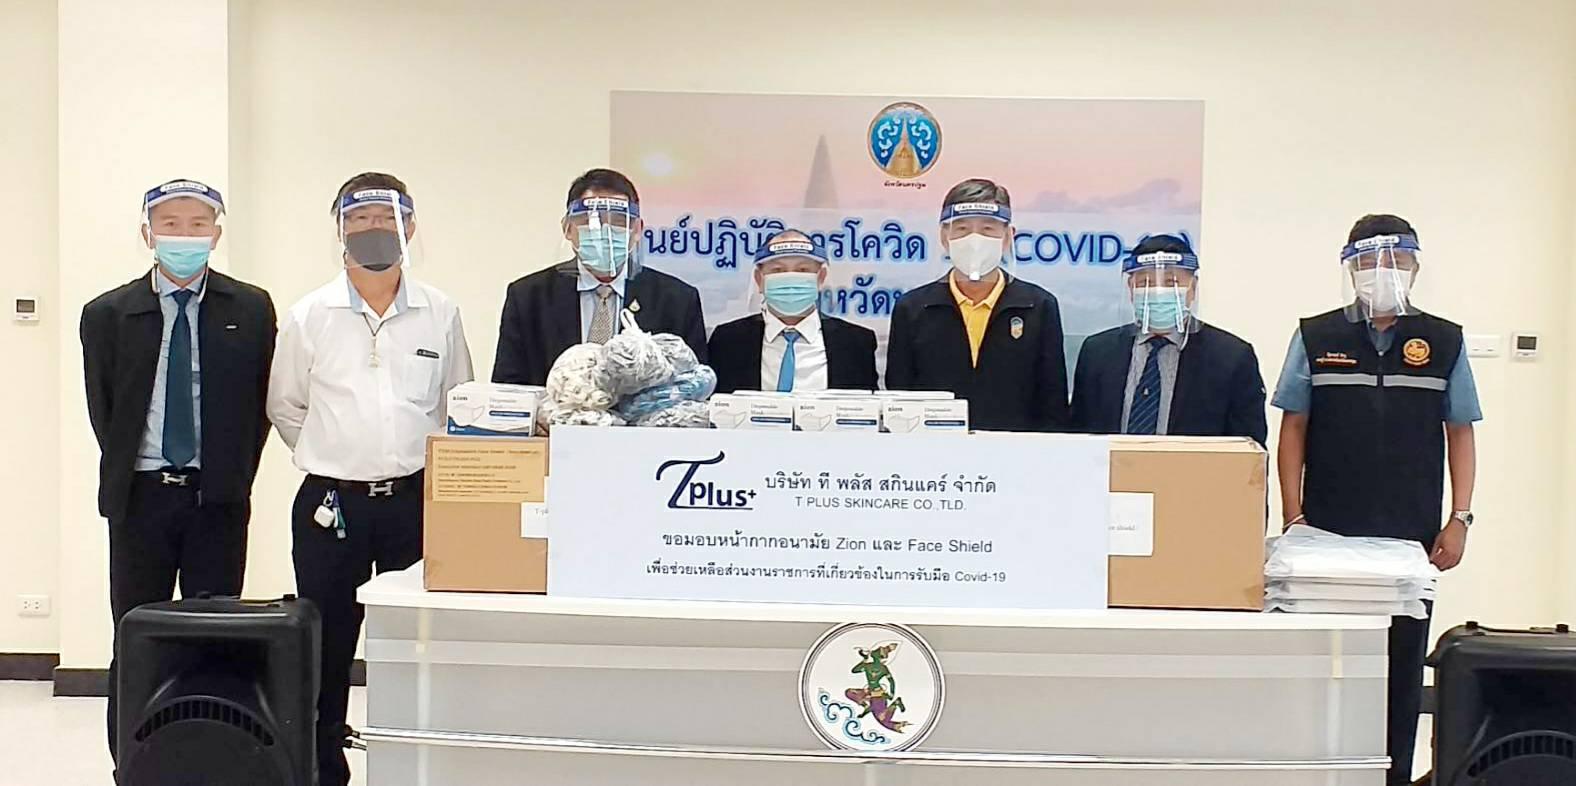 ผู้ว่านครปฐม รับมอบหน้ากากอนามัยและ Face Shield เพื่อช่วยเหลือส่วนราชการที่เกี่ยวข้องในการรับมือโควิด-19